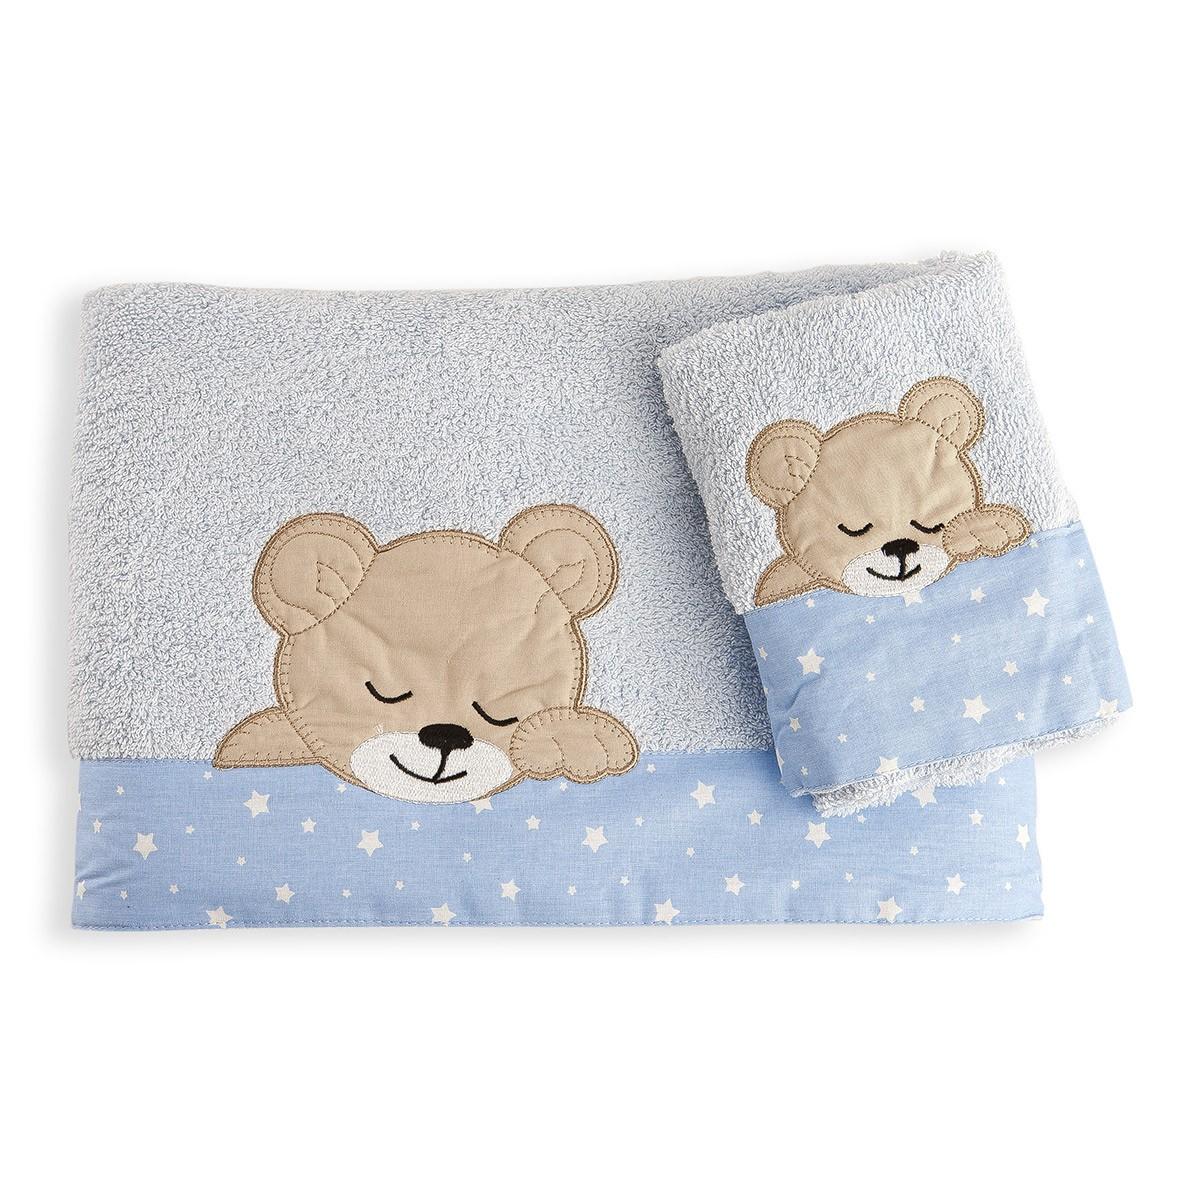 Βρεφικές Πετσέτες (Σετ 2τμχ) Dim Collection Sleeping Bear Cub 13